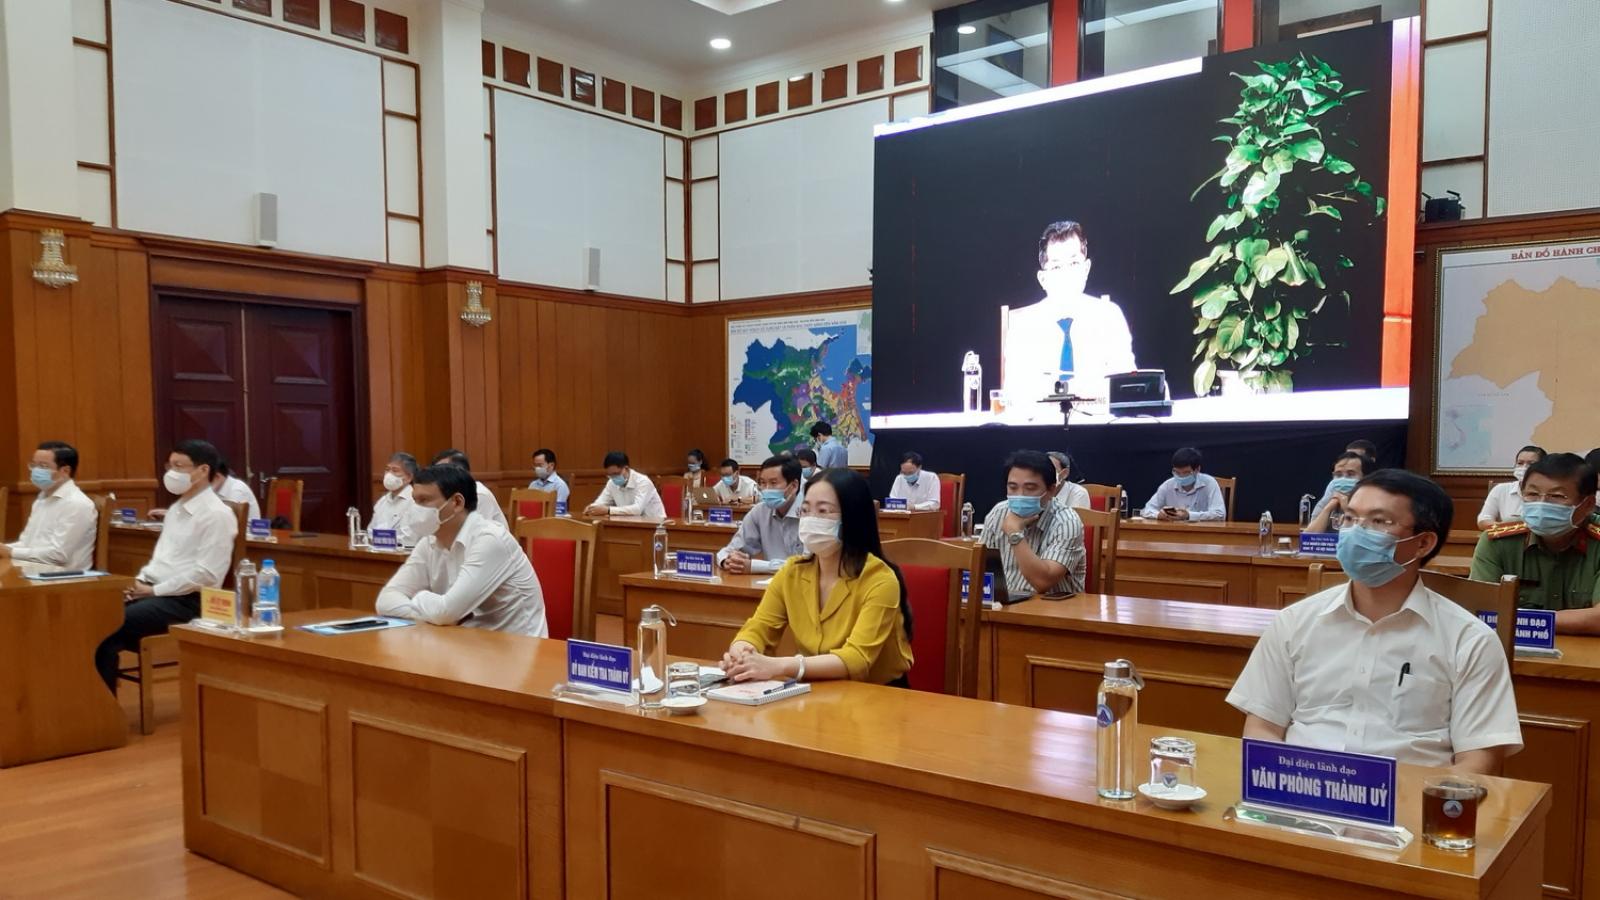 Tiếp xúc cử tri Đà Nẵng, ứng viên cam kết tháo gỡ khó khăn trong quản lý đất đai